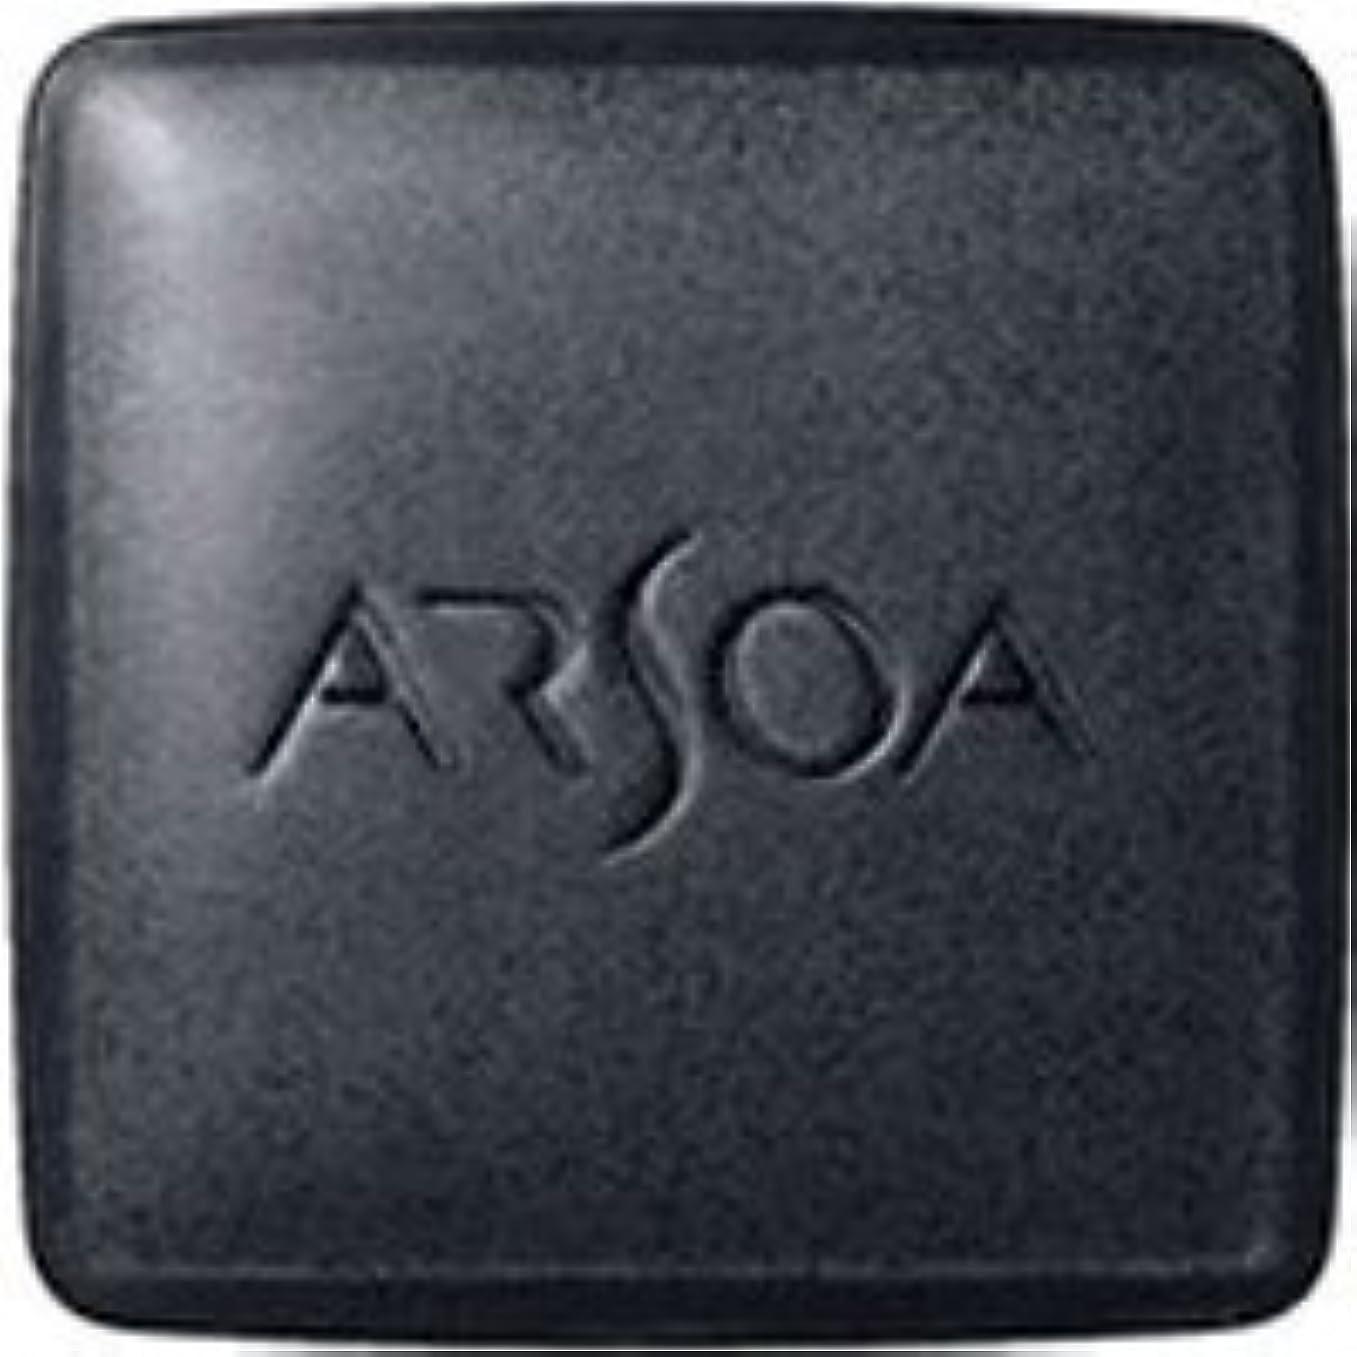 付与サッカーがんばり続けるアルソア(ARSOA) クイーンシルバー(ケース付き)135g[並行輸入品]